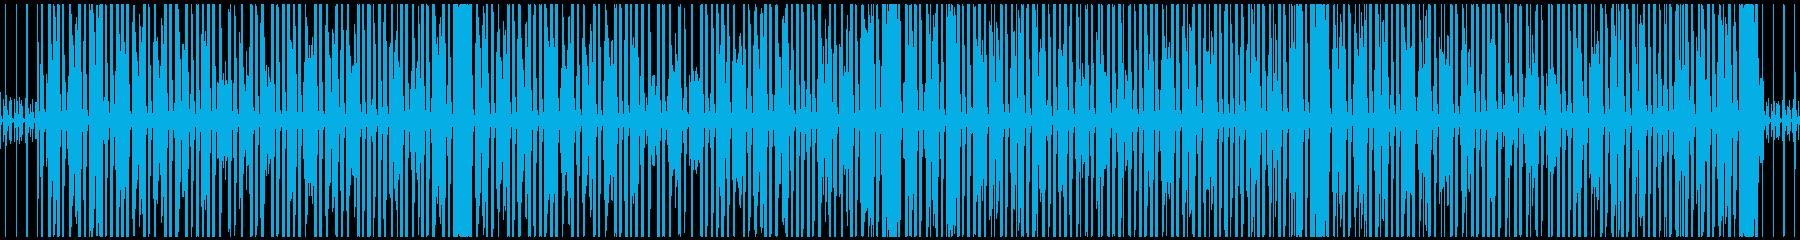 【ループ対応】陽気・軽快 アコギブルースの再生済みの波形